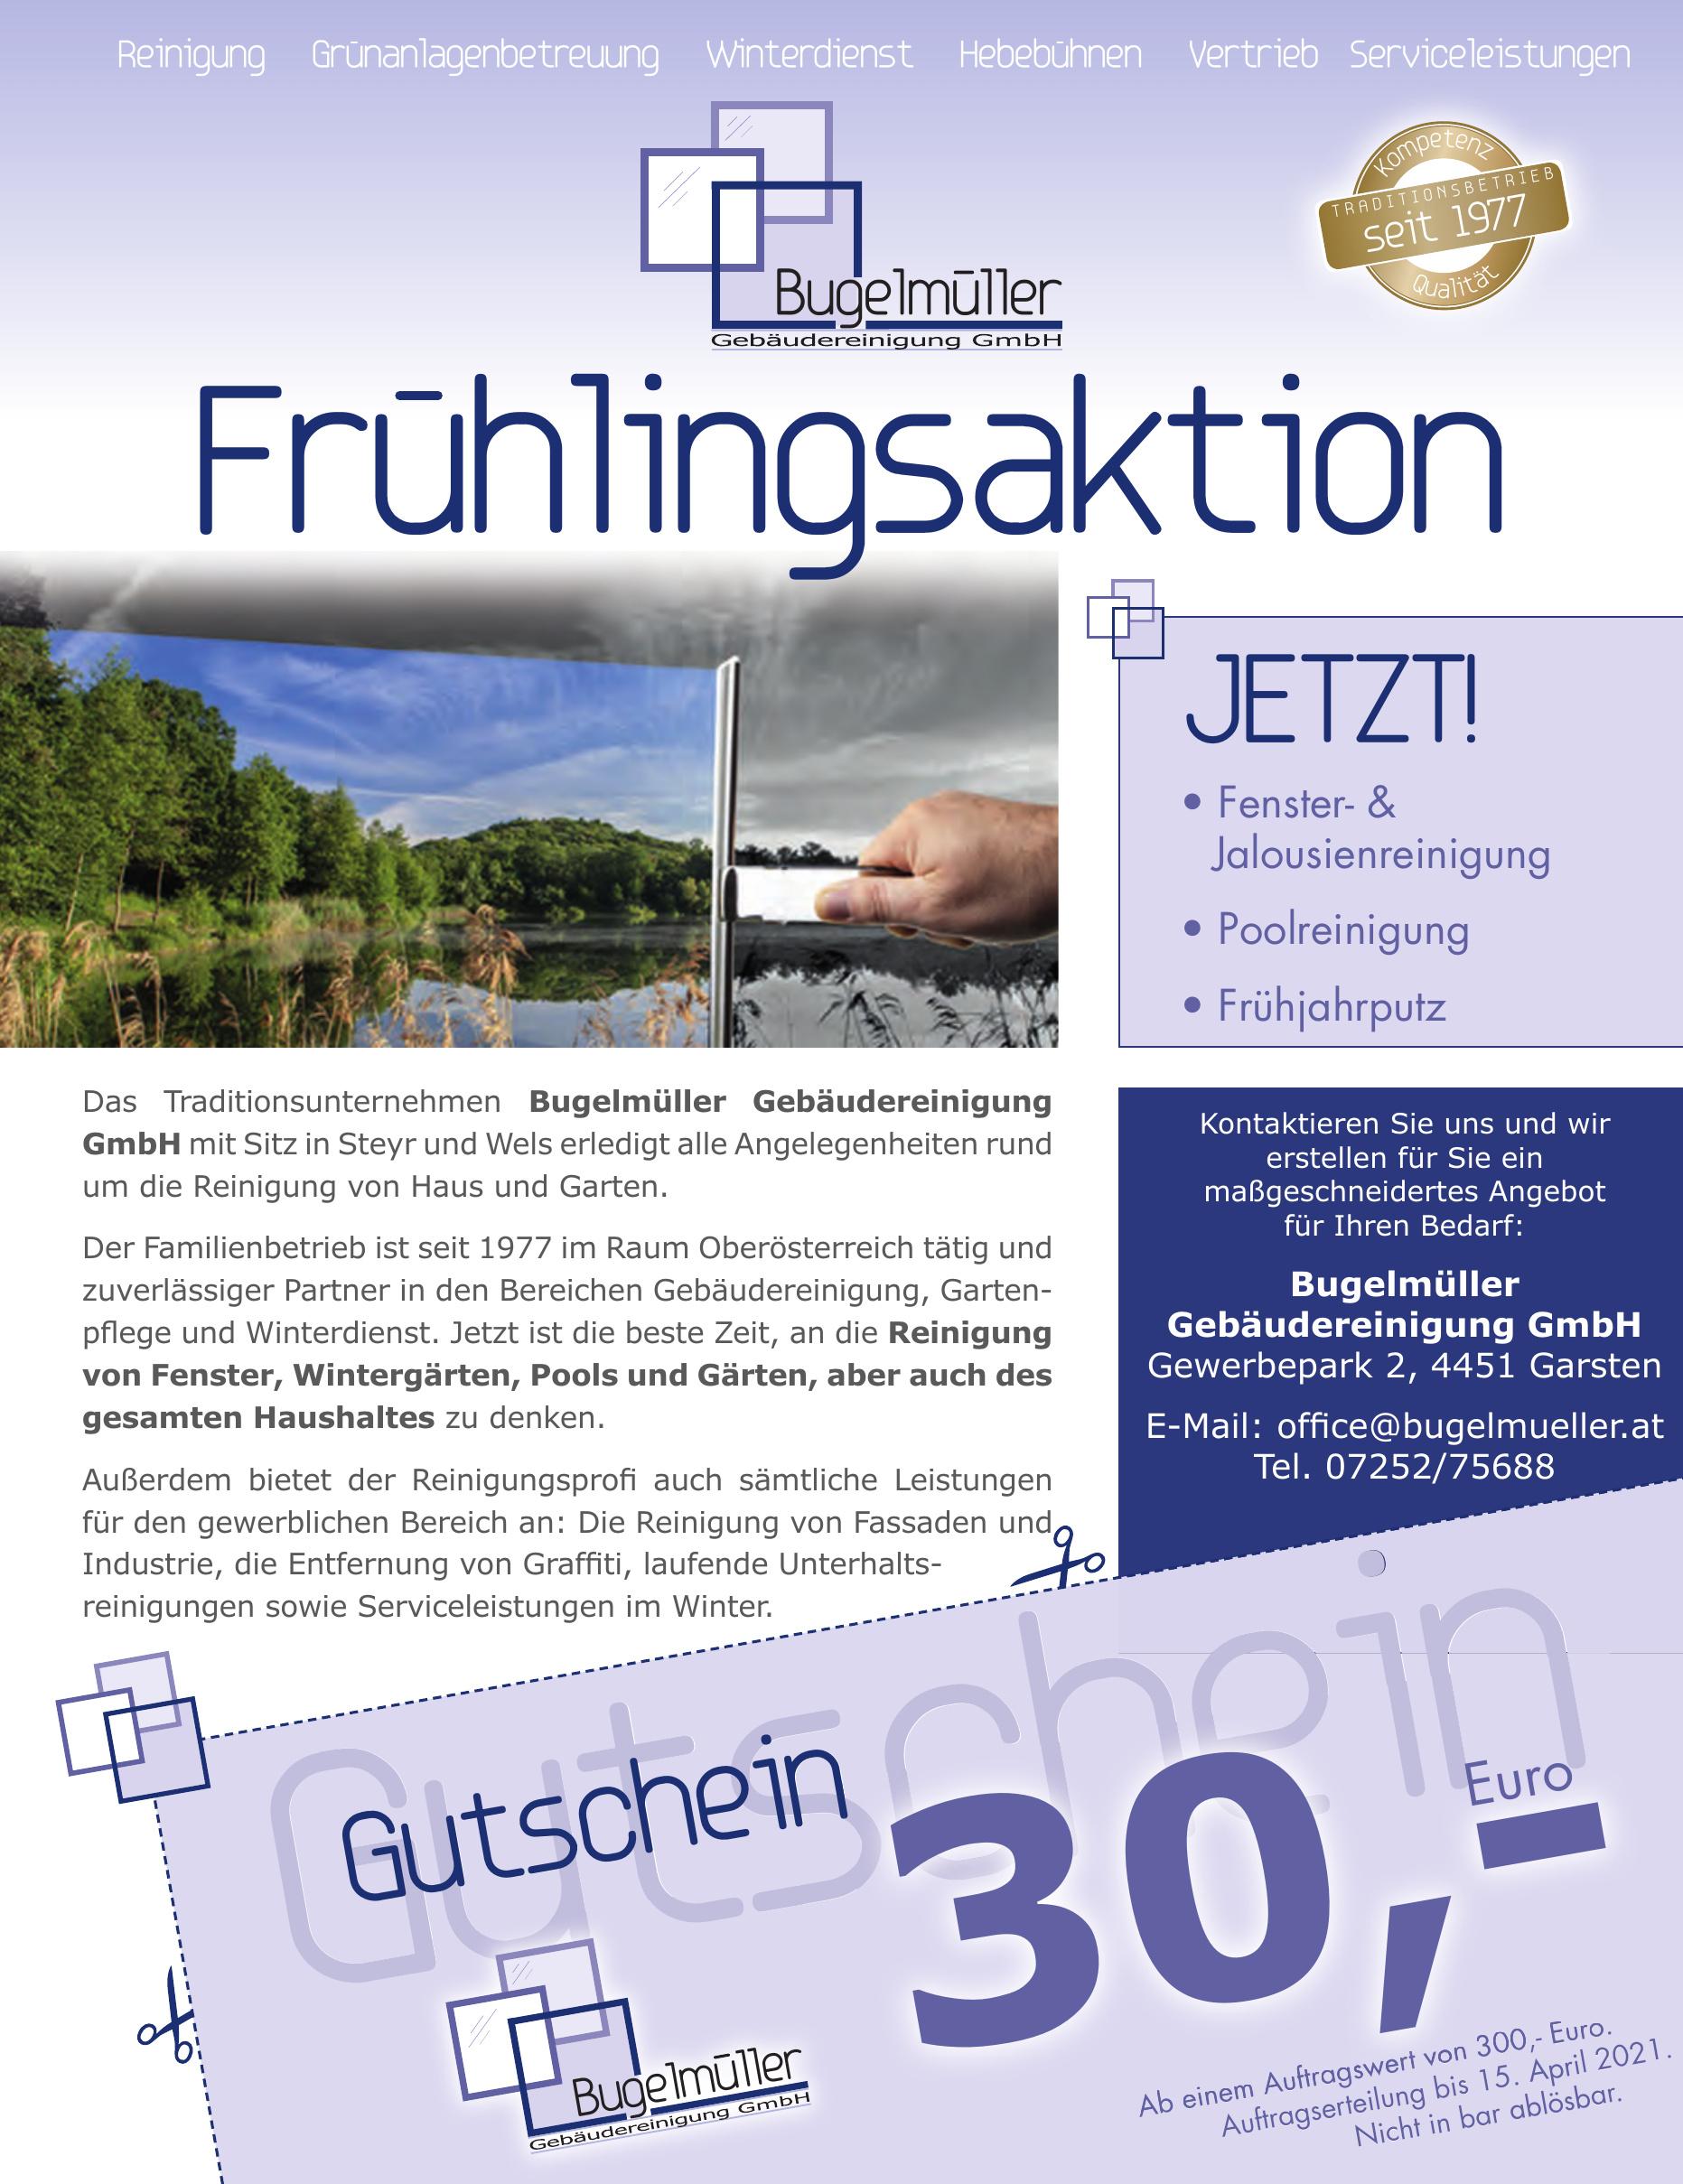 Bugelmüller Gebäudereinigung GmbH